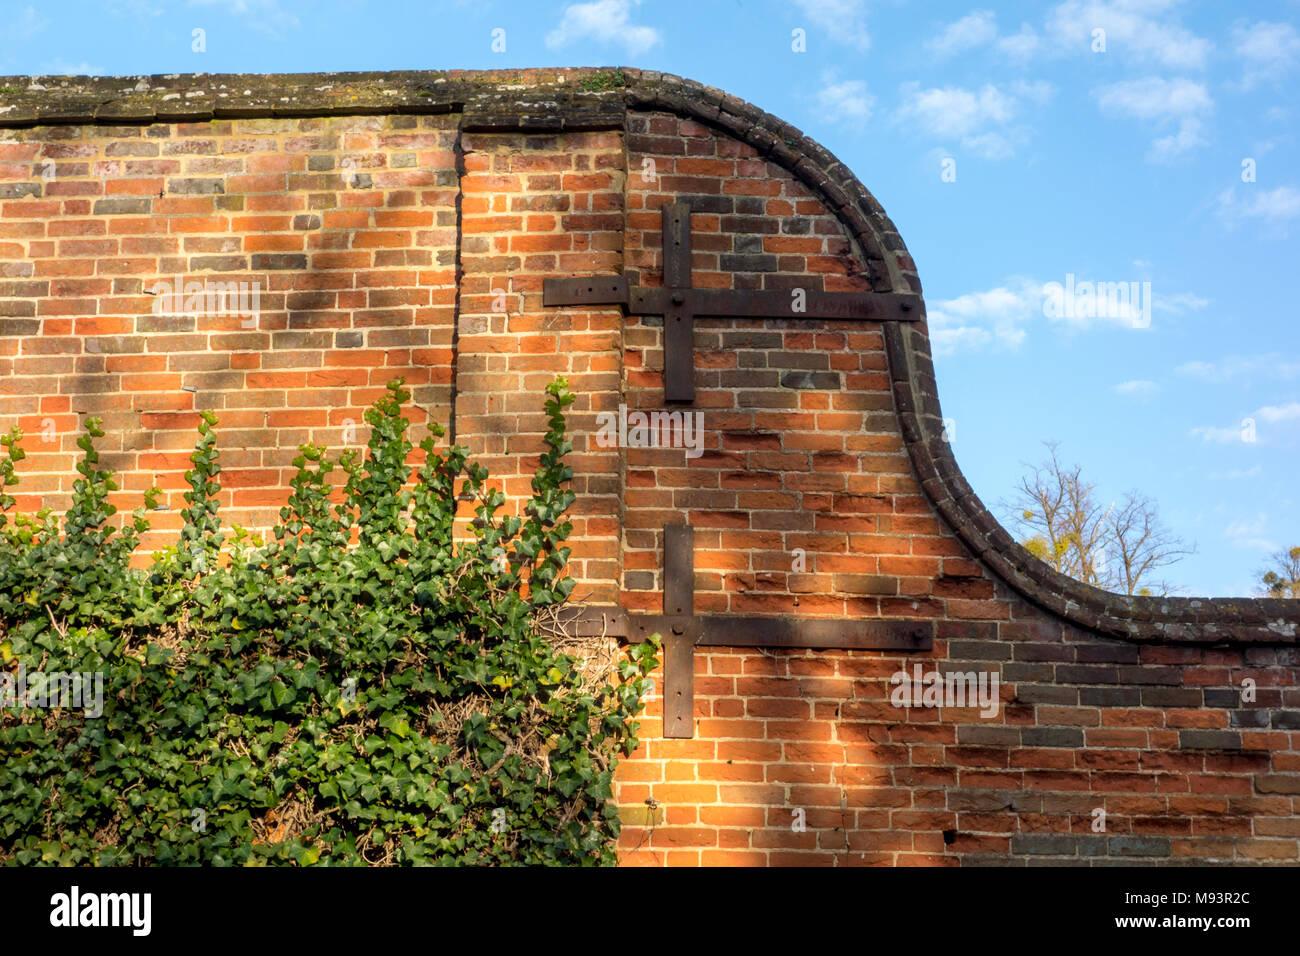 Pared de ladrillo antiguo con soportes de sujeción de metal Imagen De Stock